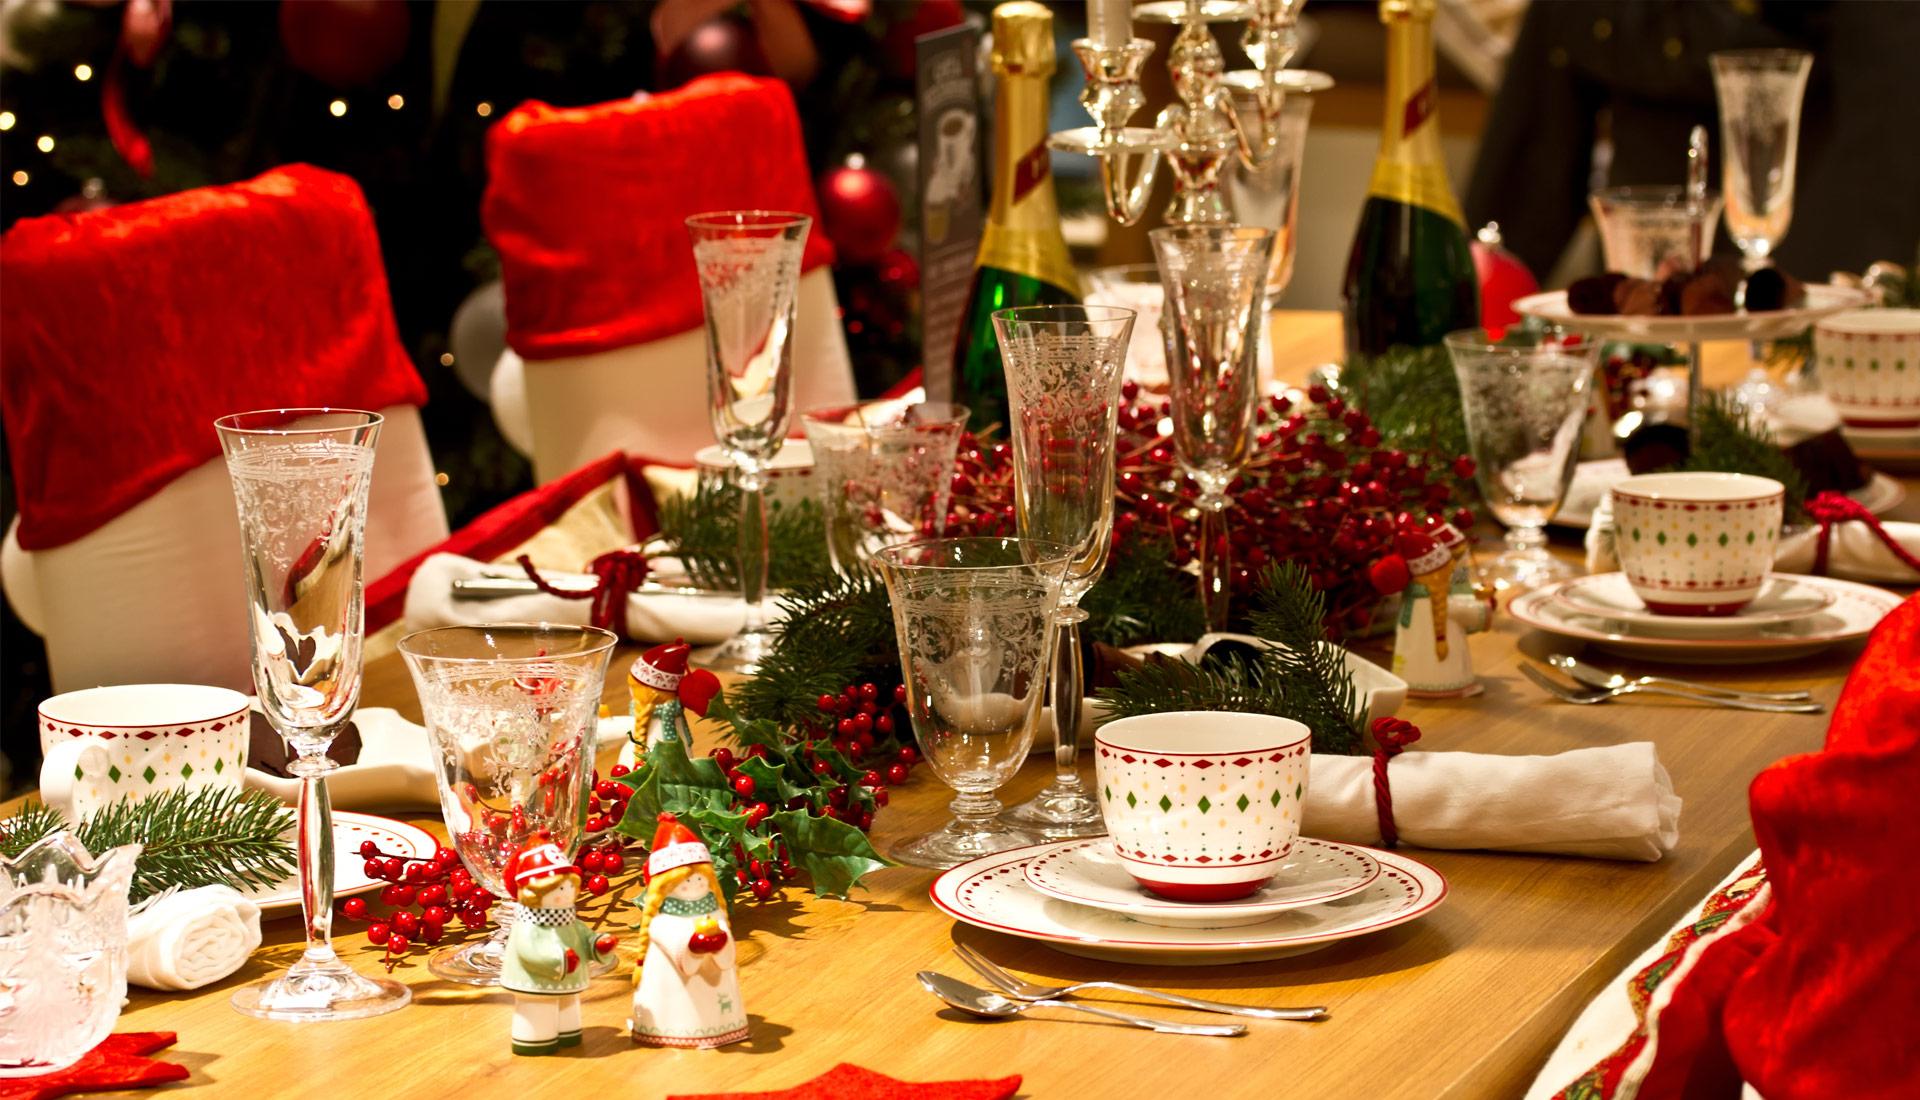 calendario-de-navidad-2016-cenas-de-navidad